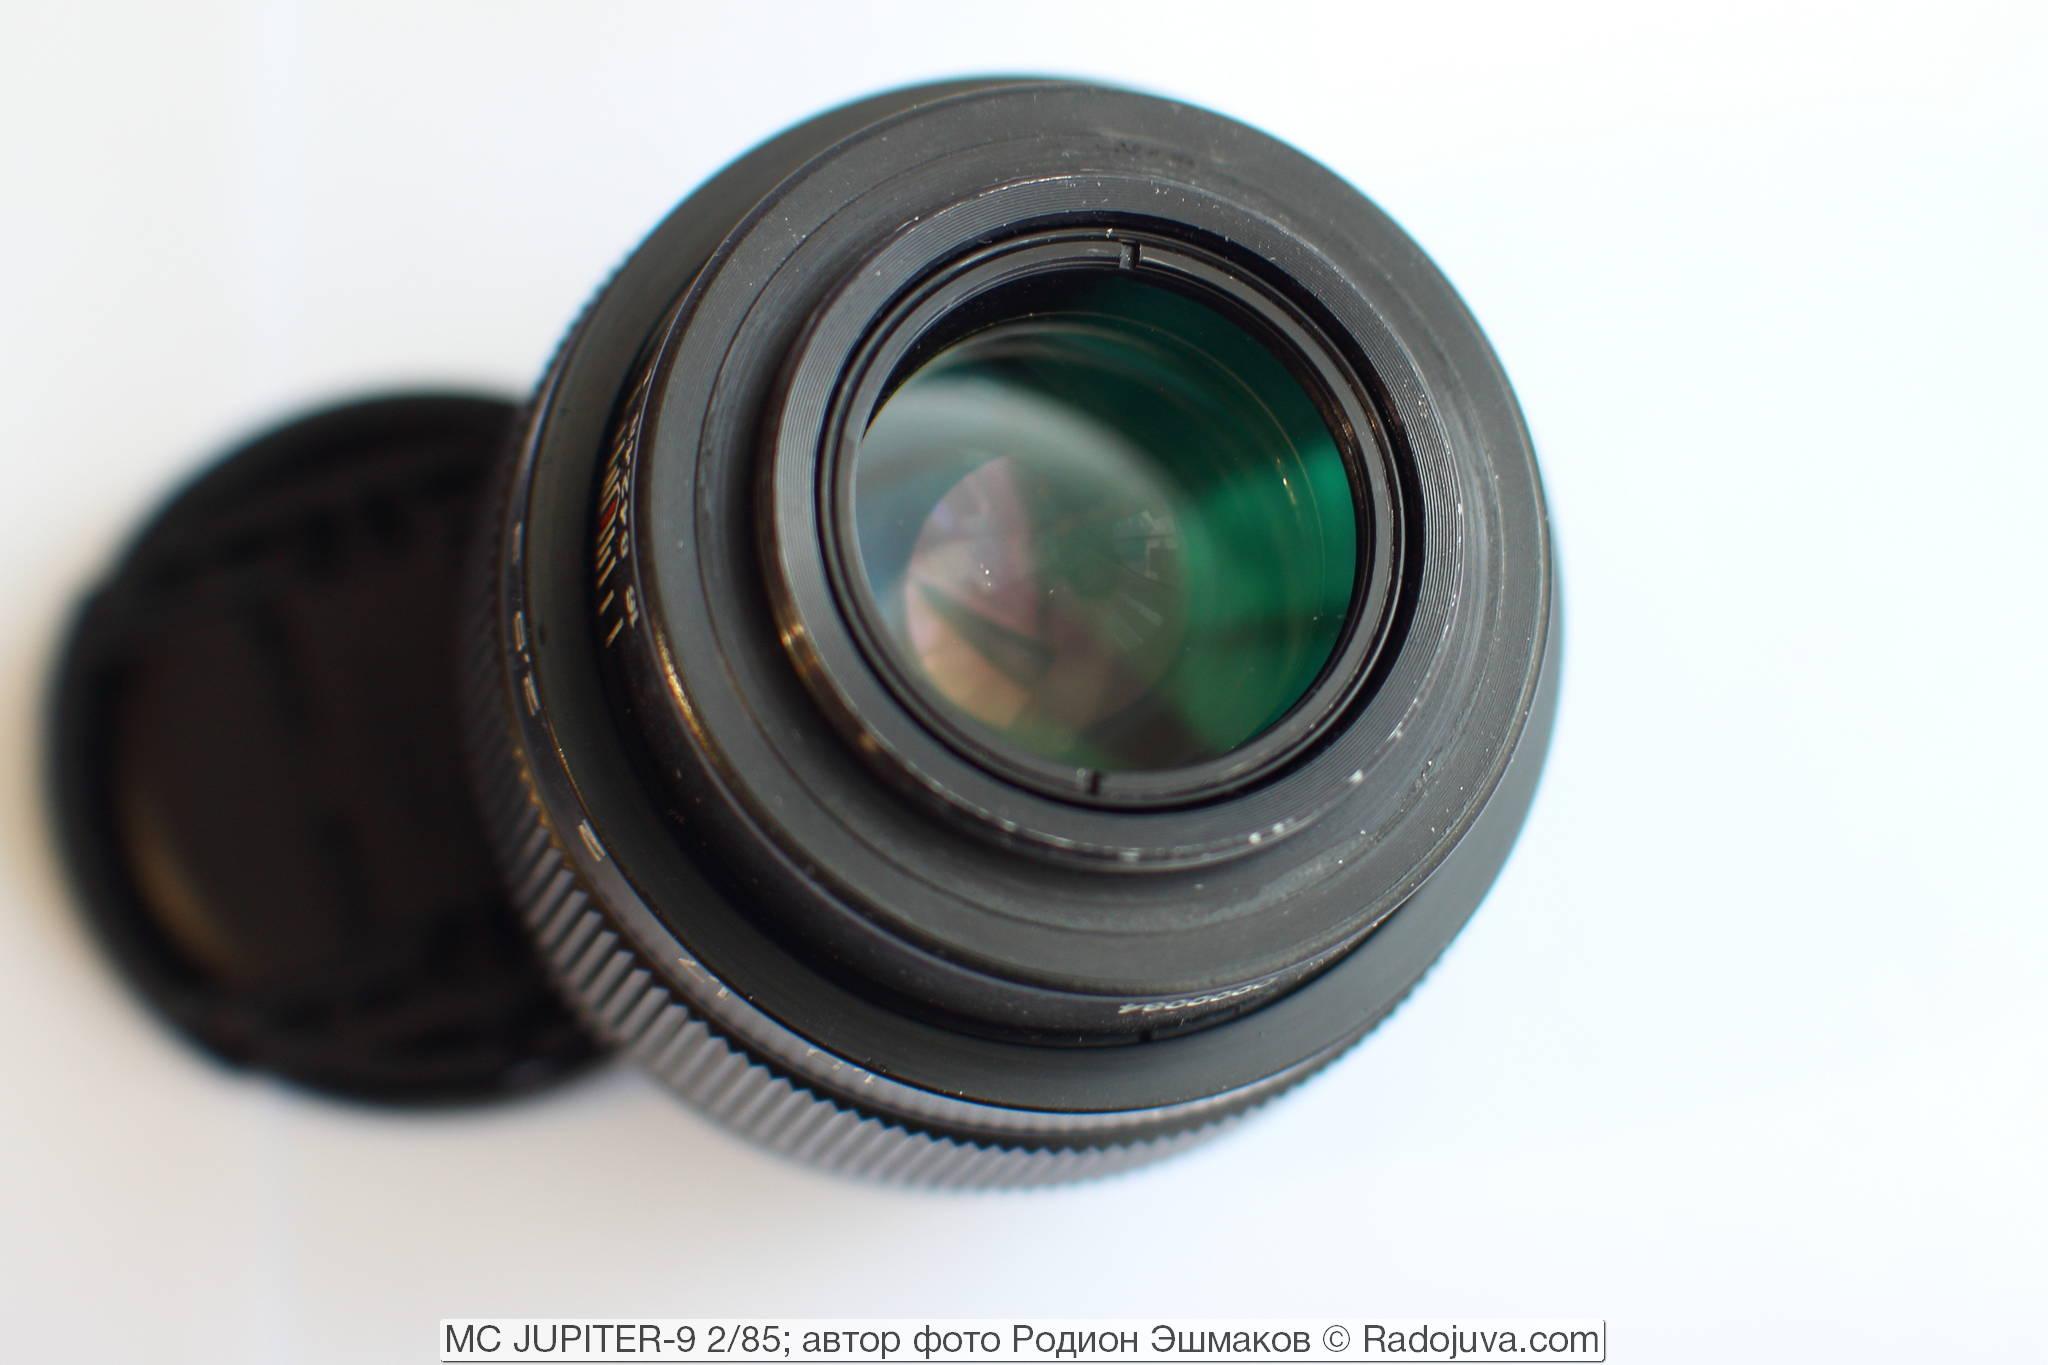 Выдает наличие МС зеленый отблеск задней линзы. MC Jupiter-9 2/85